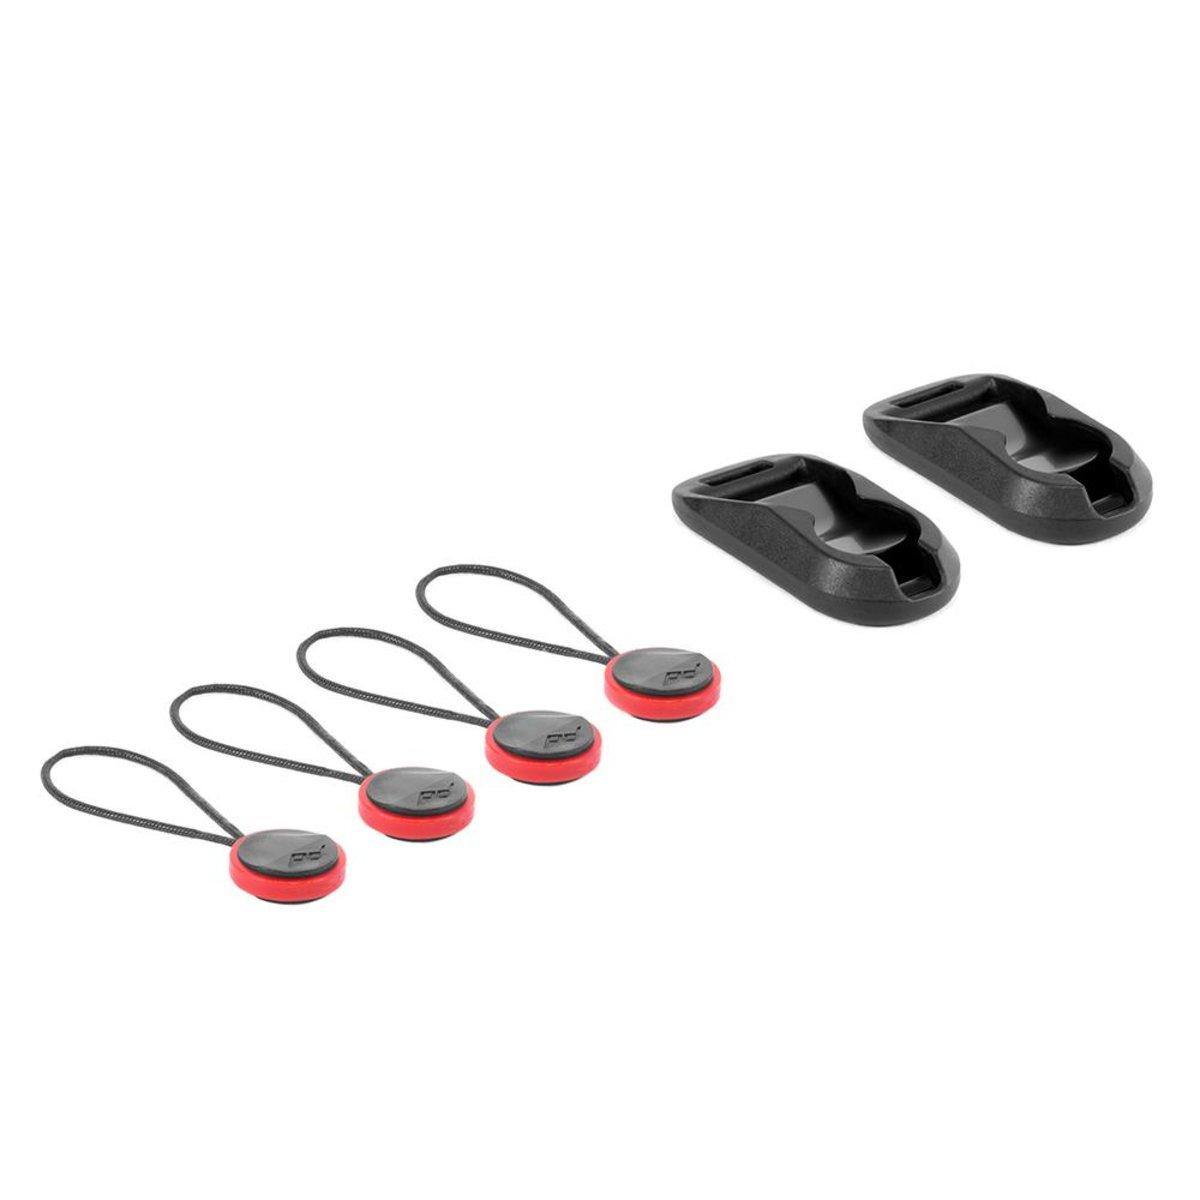 ANCHOR LINKS Quick-Connectors Parts[AL-4]